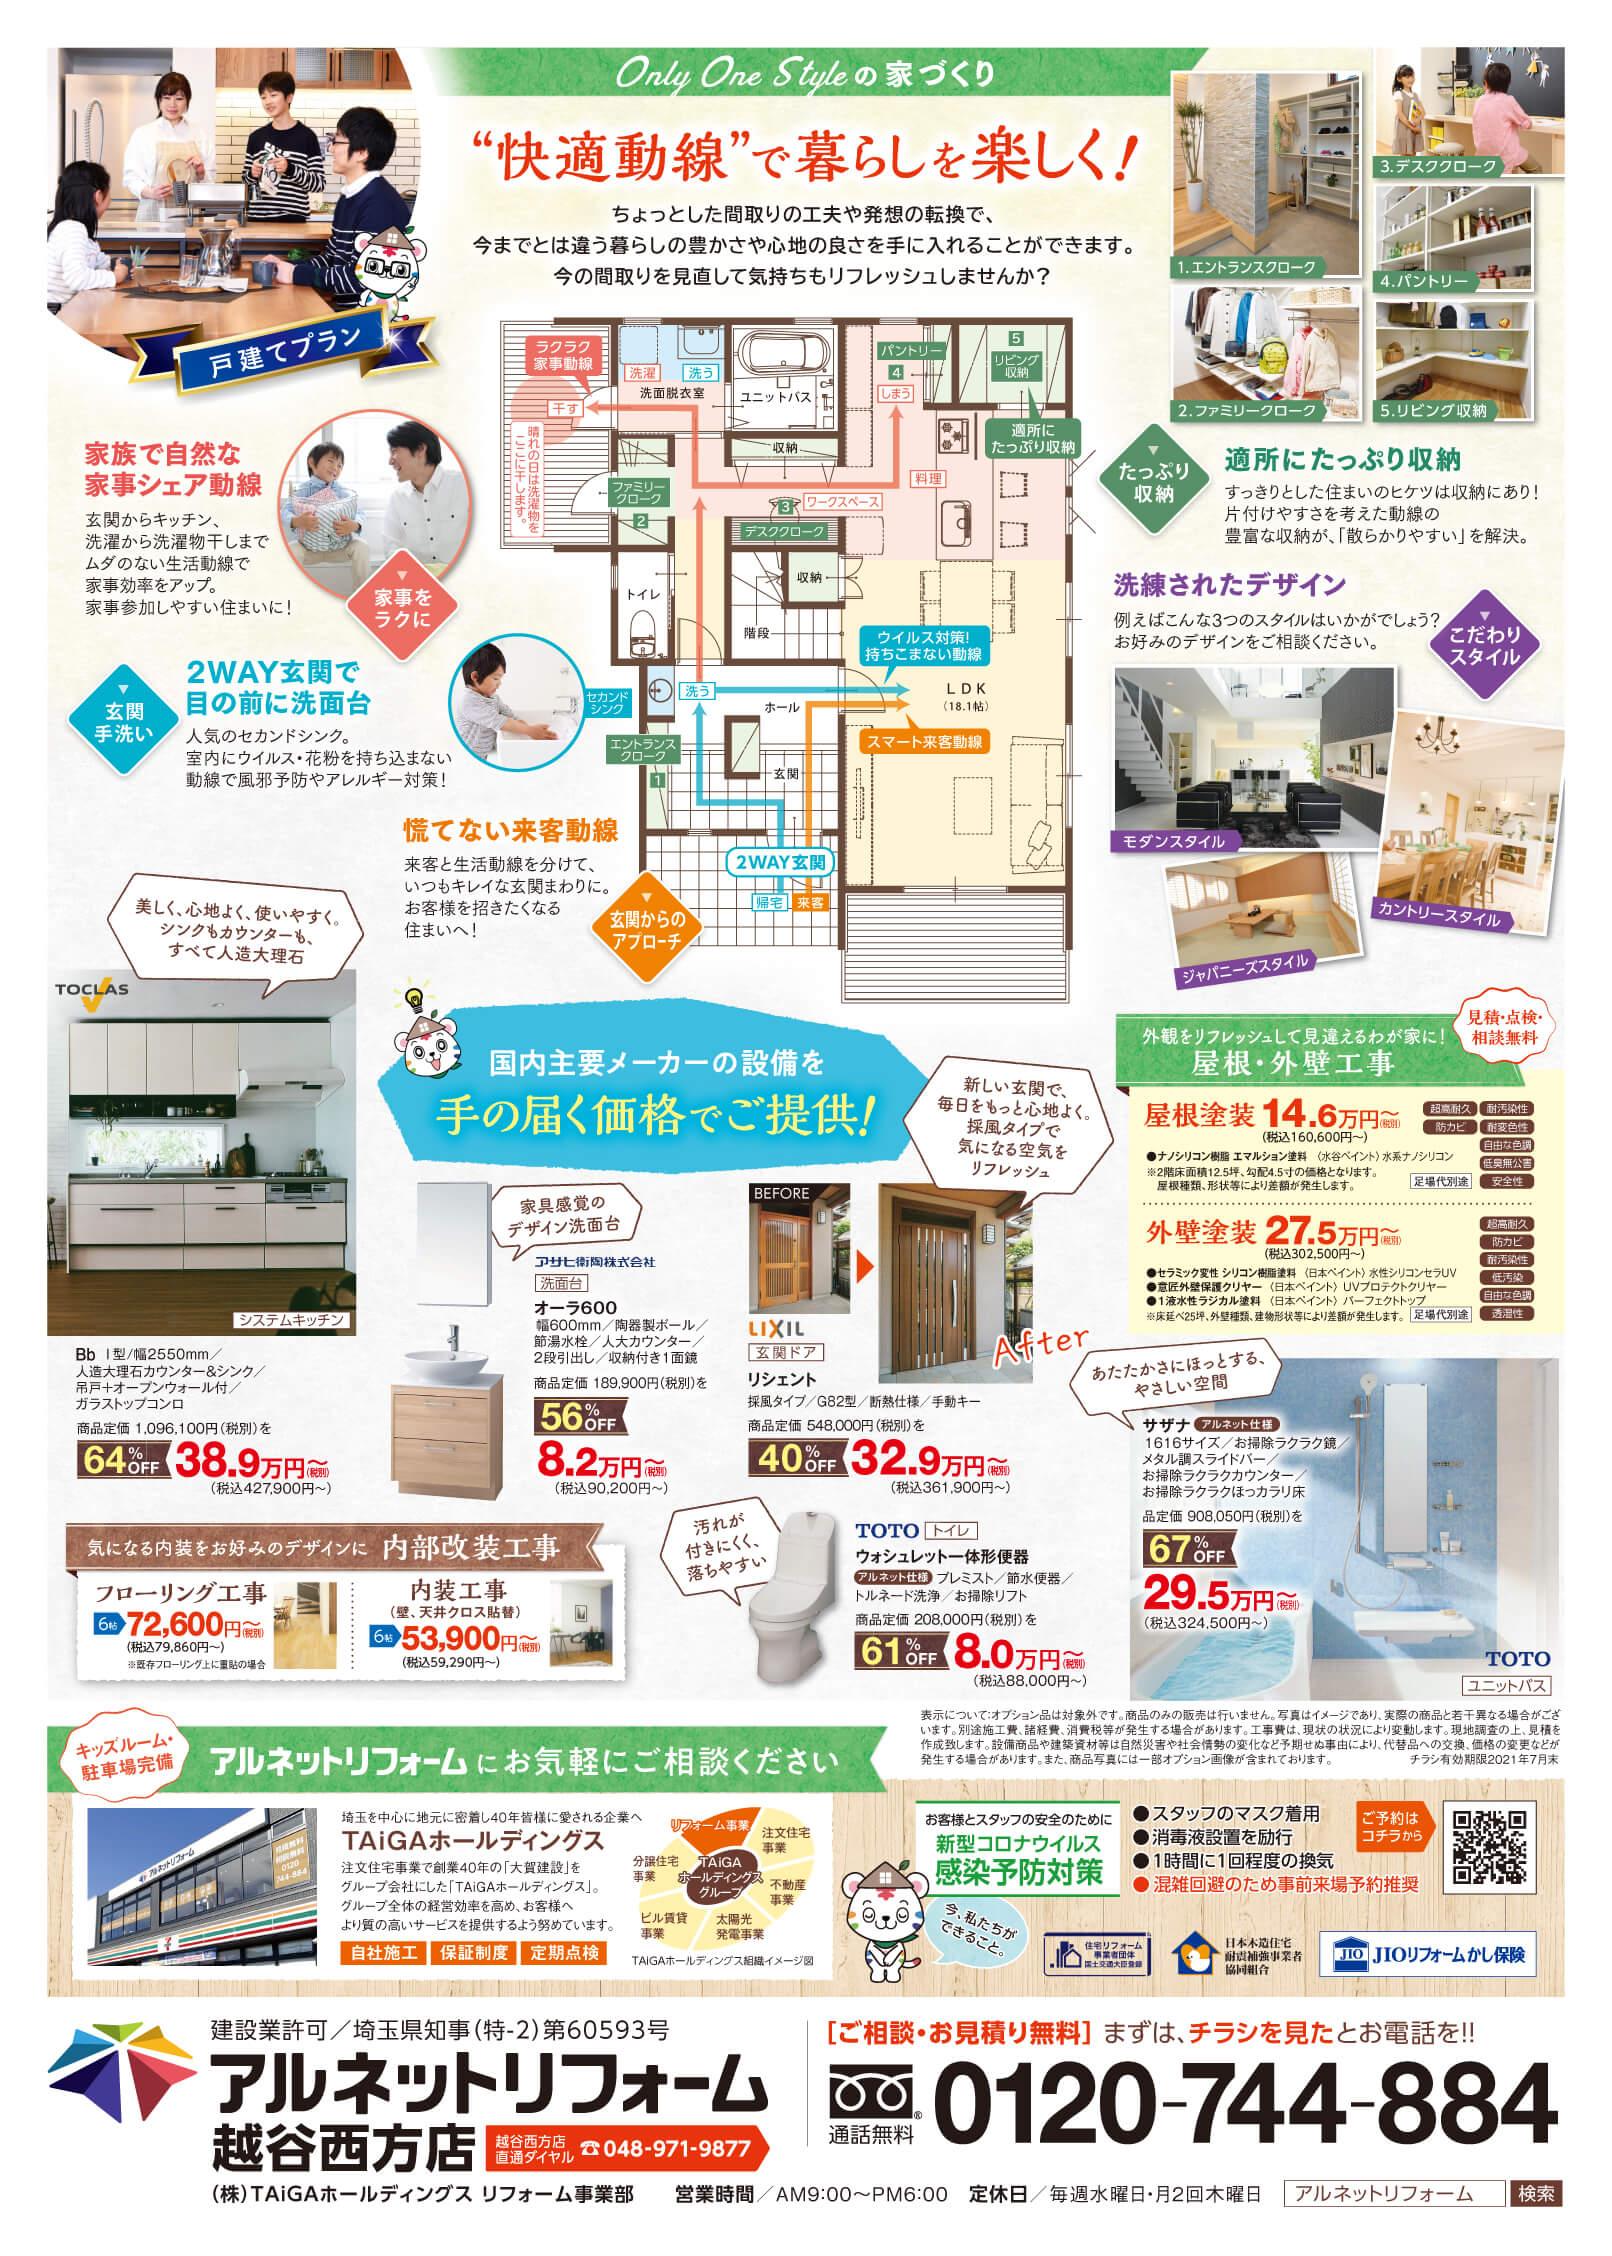 【越谷西方店】7月イベント開催!